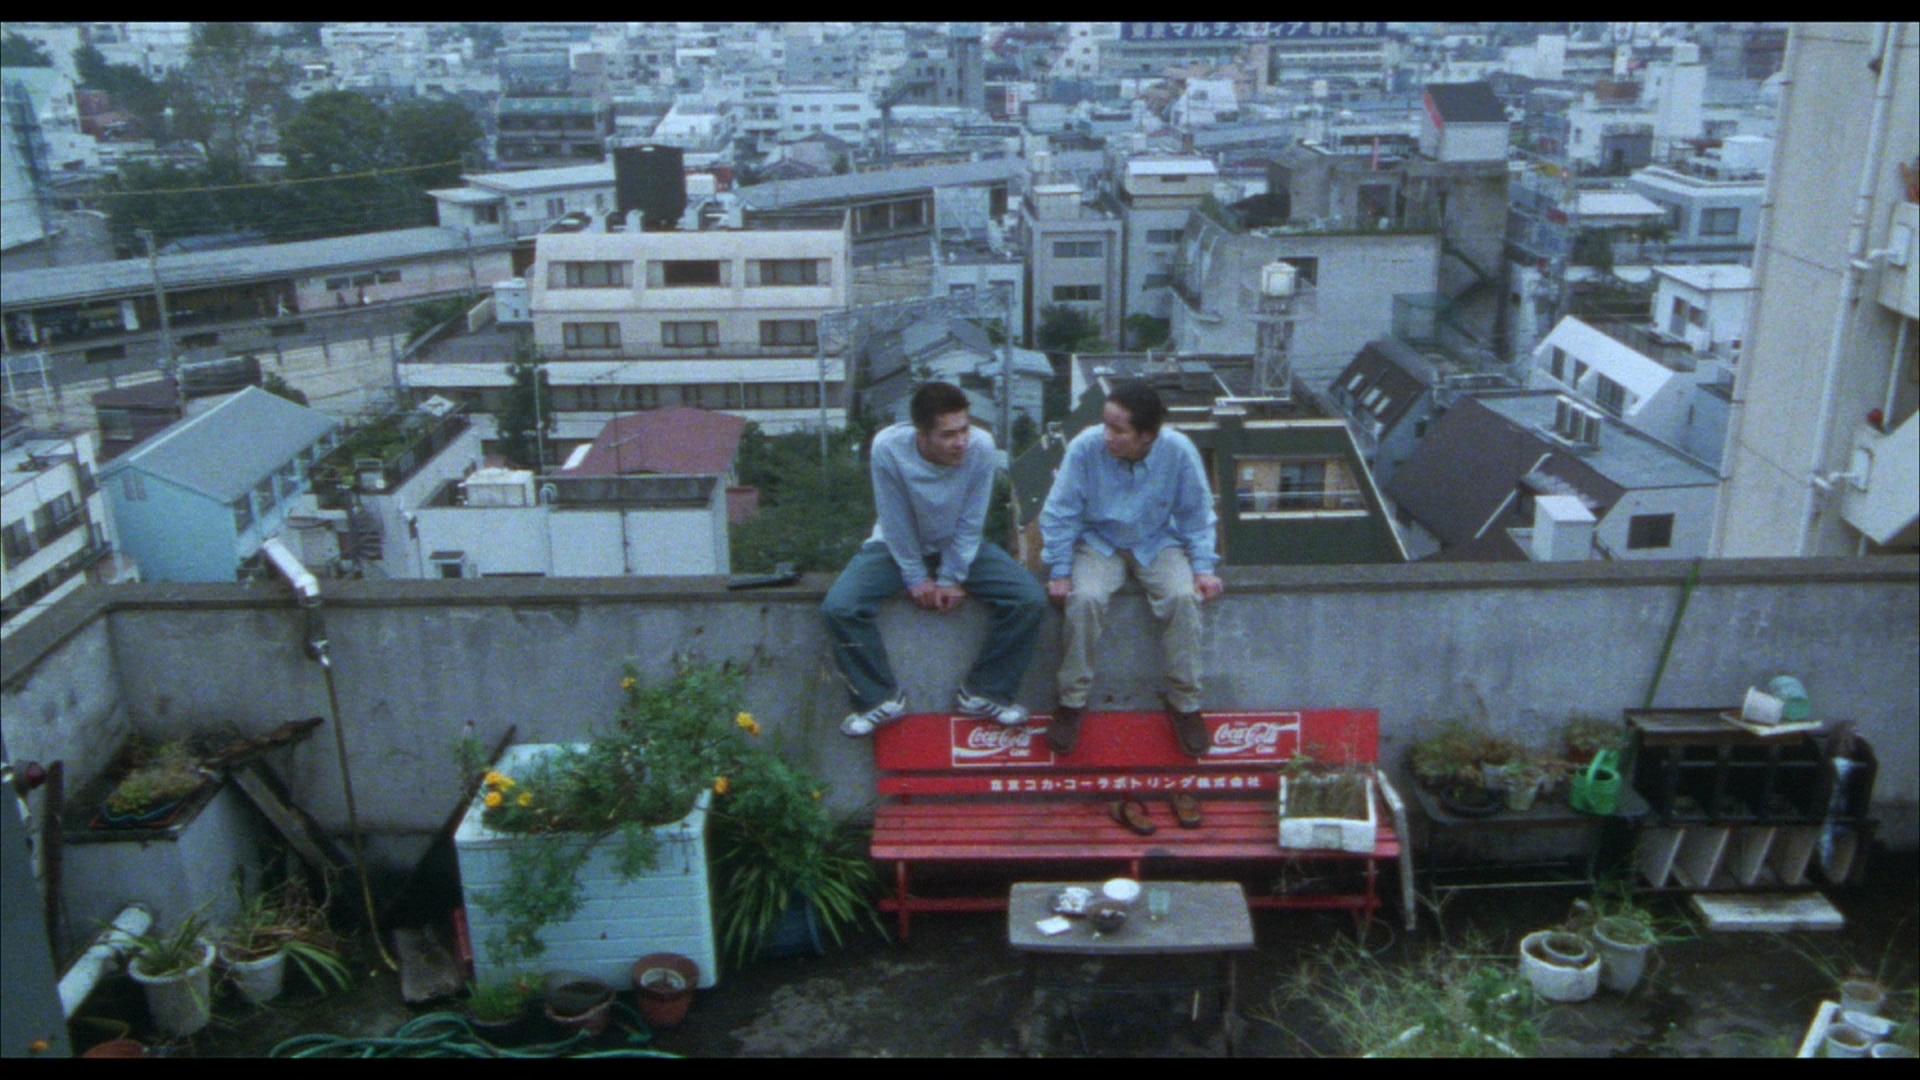 theme and symbol analysis in audition a movie by takashi miike Directed by takashi miike, 115 min starring ryo ishibashi, eihi shiina, tetsu sawaki, jun kunimura, ren osugi, renji ishibashi, miyuki matsuda, toshie negishi, shigeru saiki, ken mitsuishi, yuriko hirooka, fumiyo kohinata, misato nakamura.